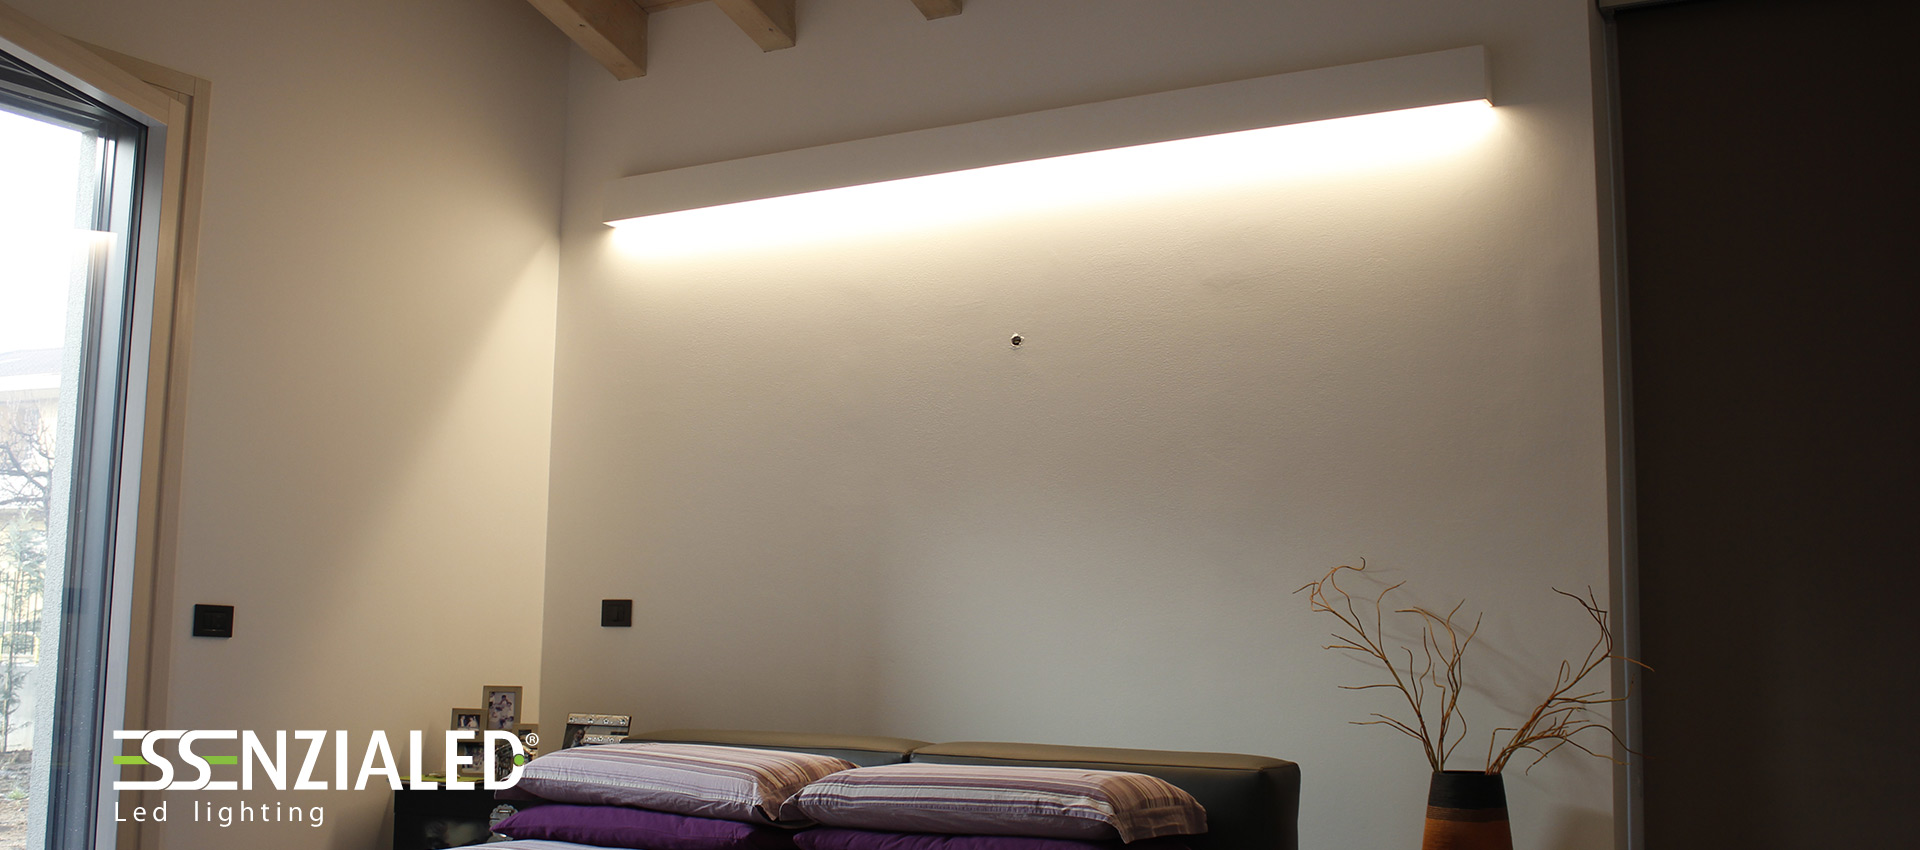 Righello lampada a parete led prodotta su misura - Luci camera da letto ...